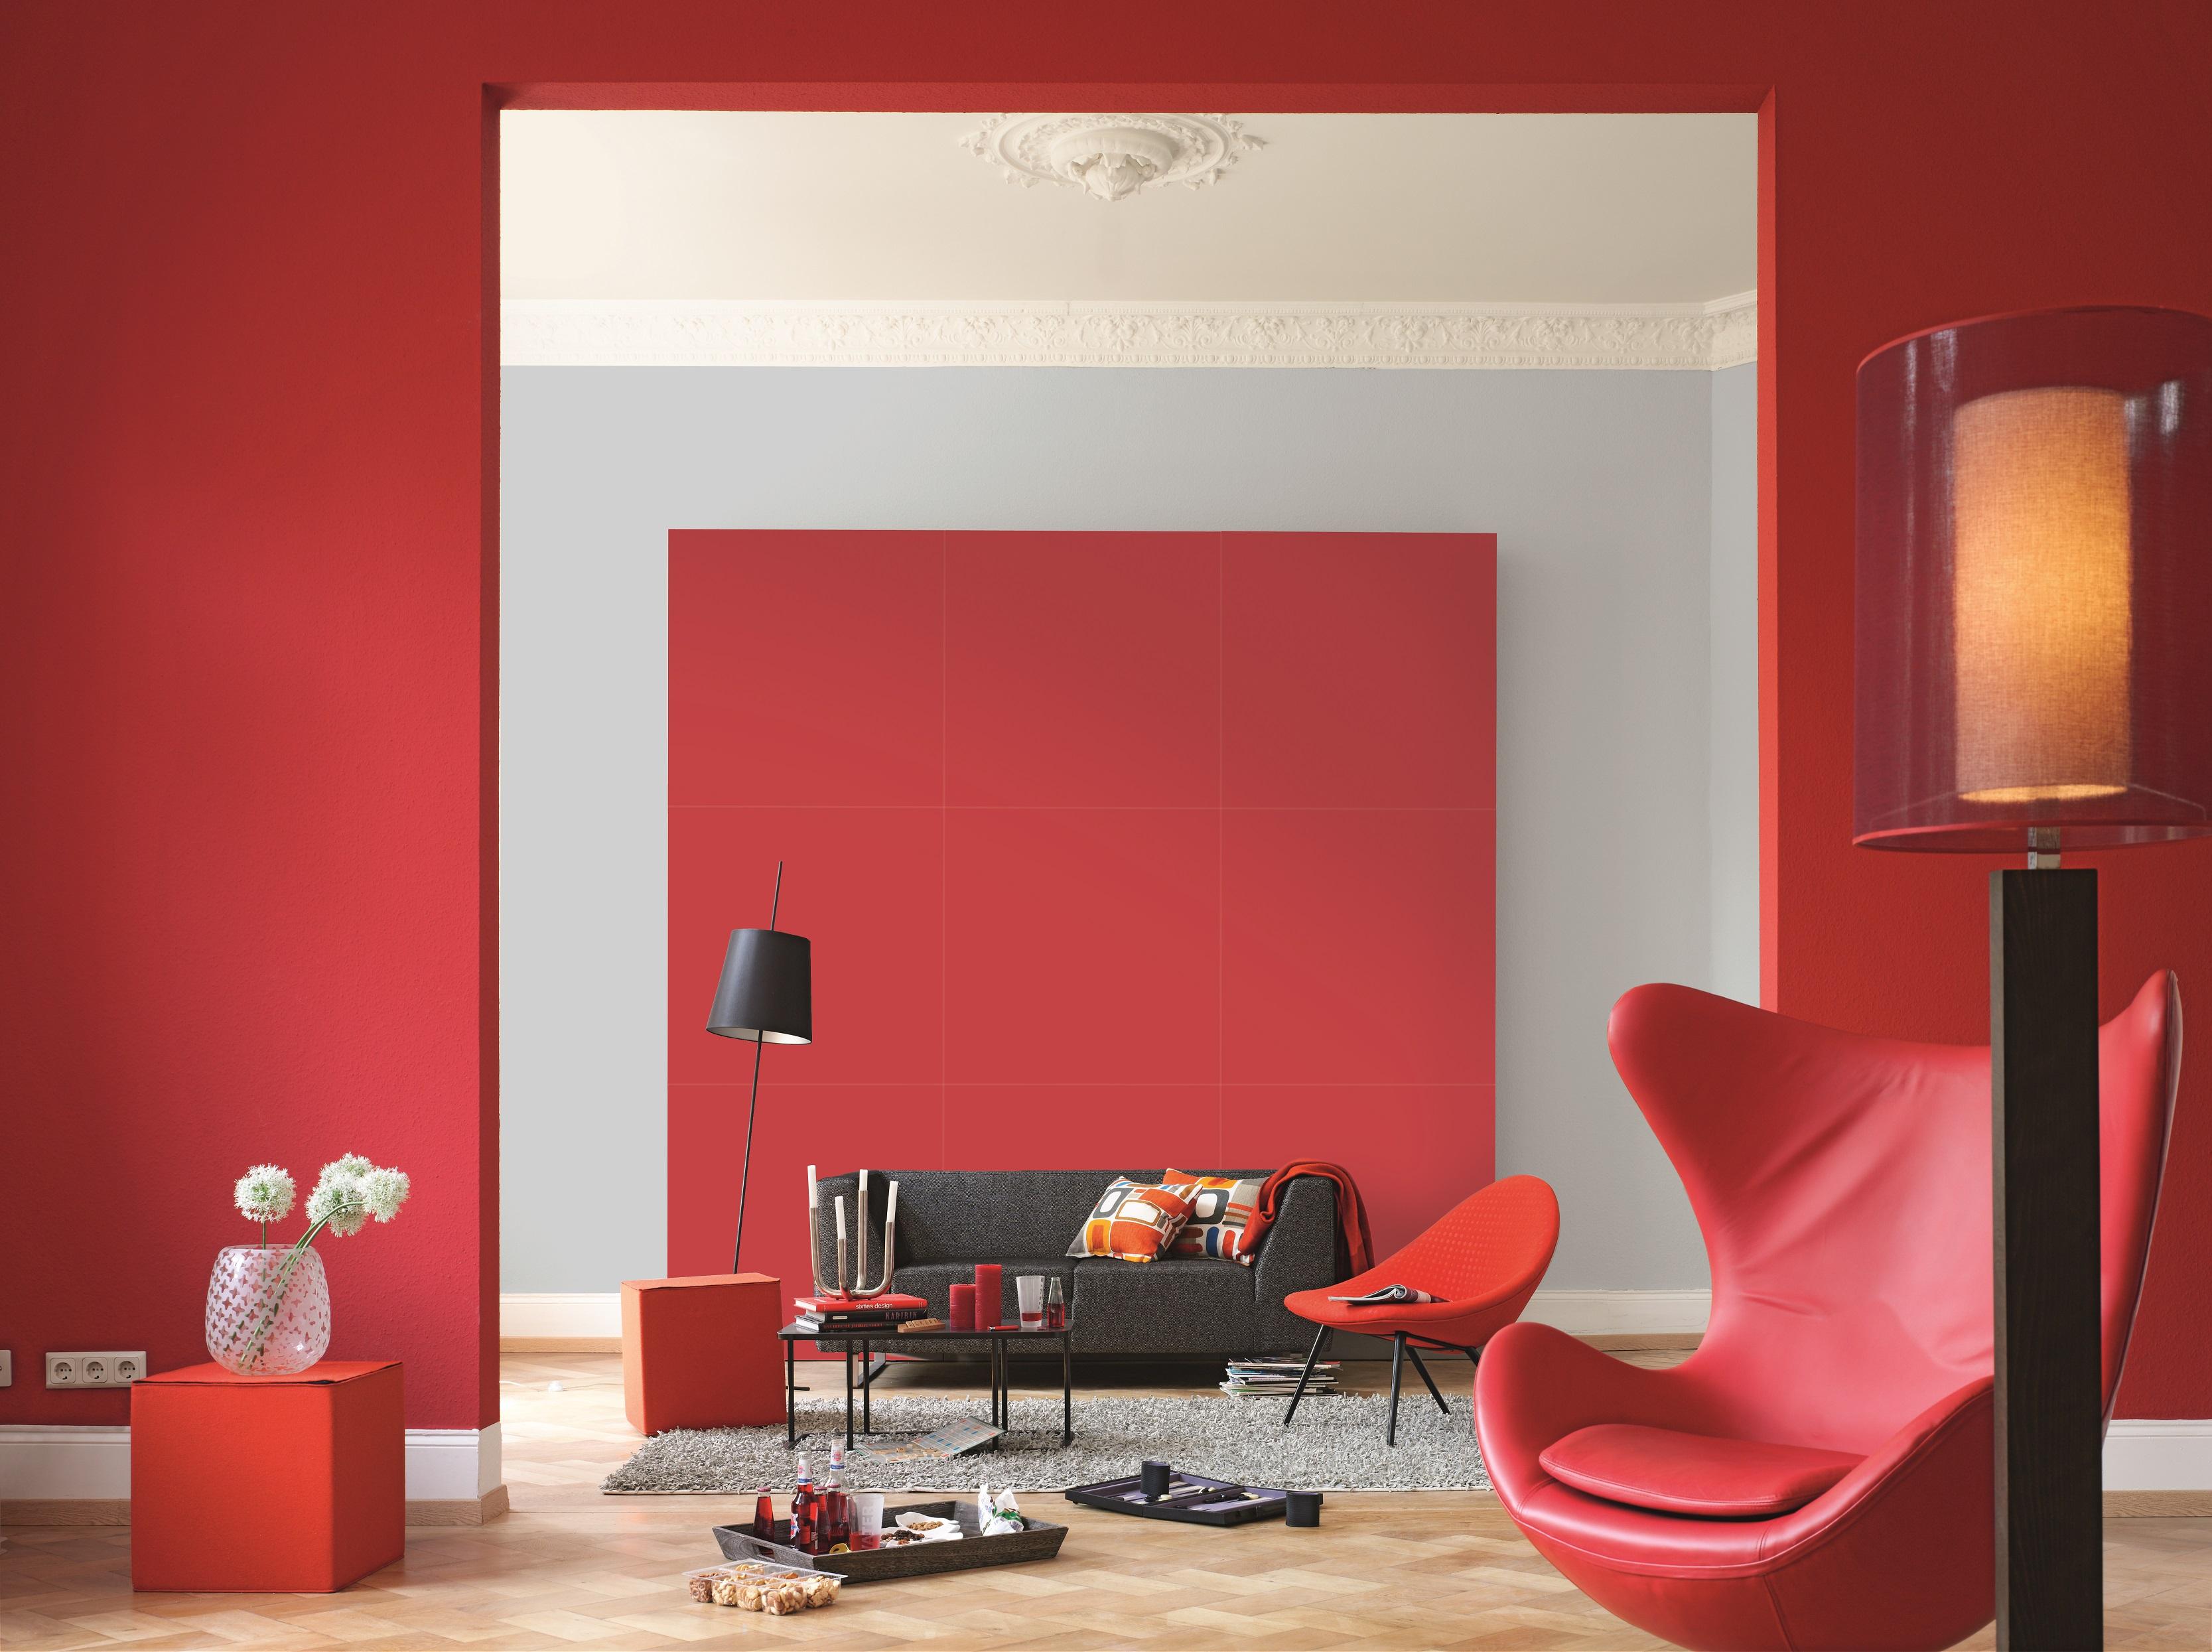 Uberlegen Die Farbwirkung Von Rot